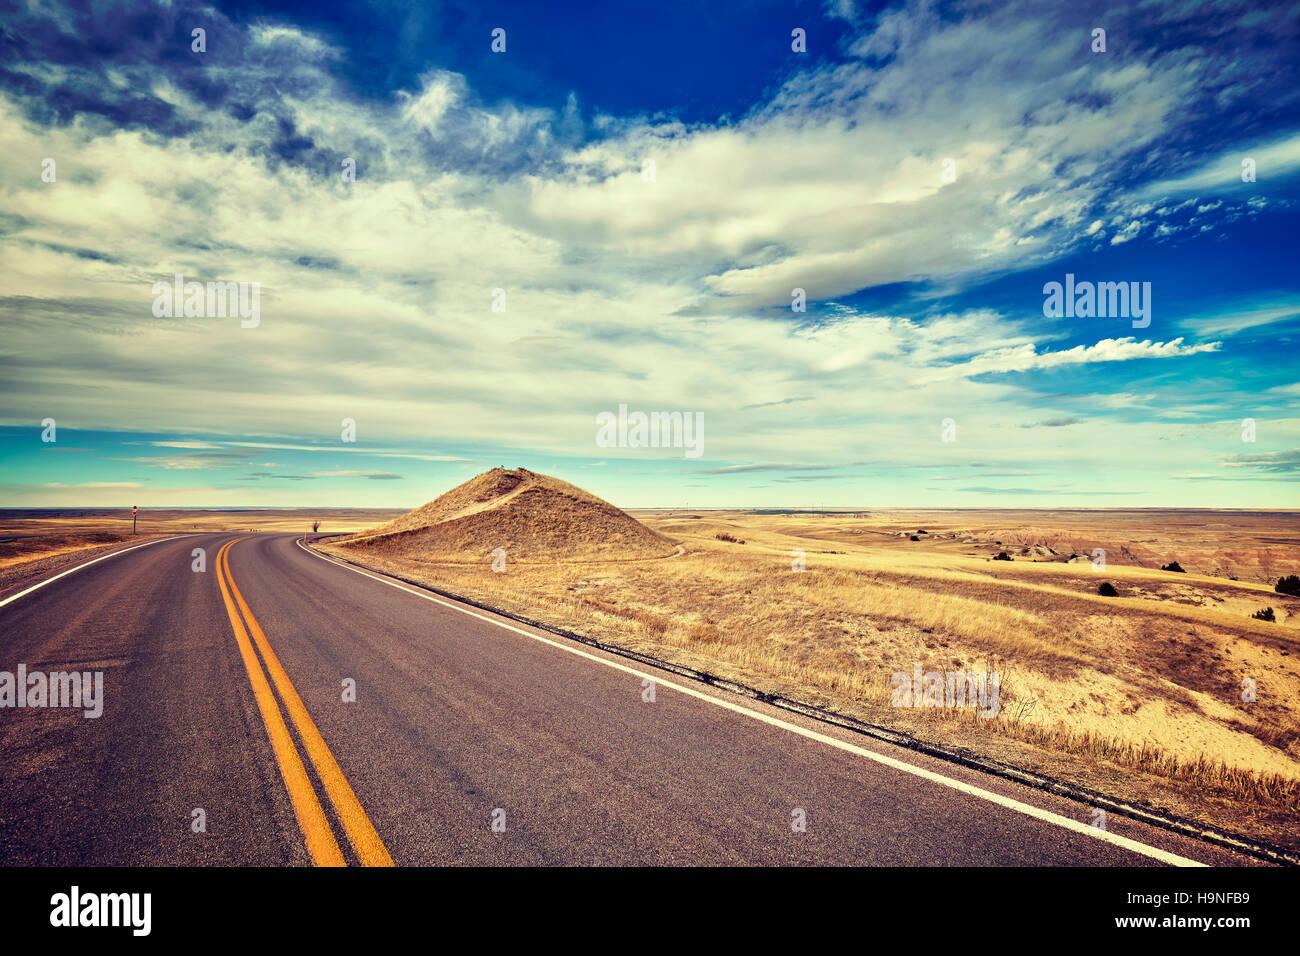 Vintage estilizado carretera vacía, concepto de viaje, USA. Imagen De Stock